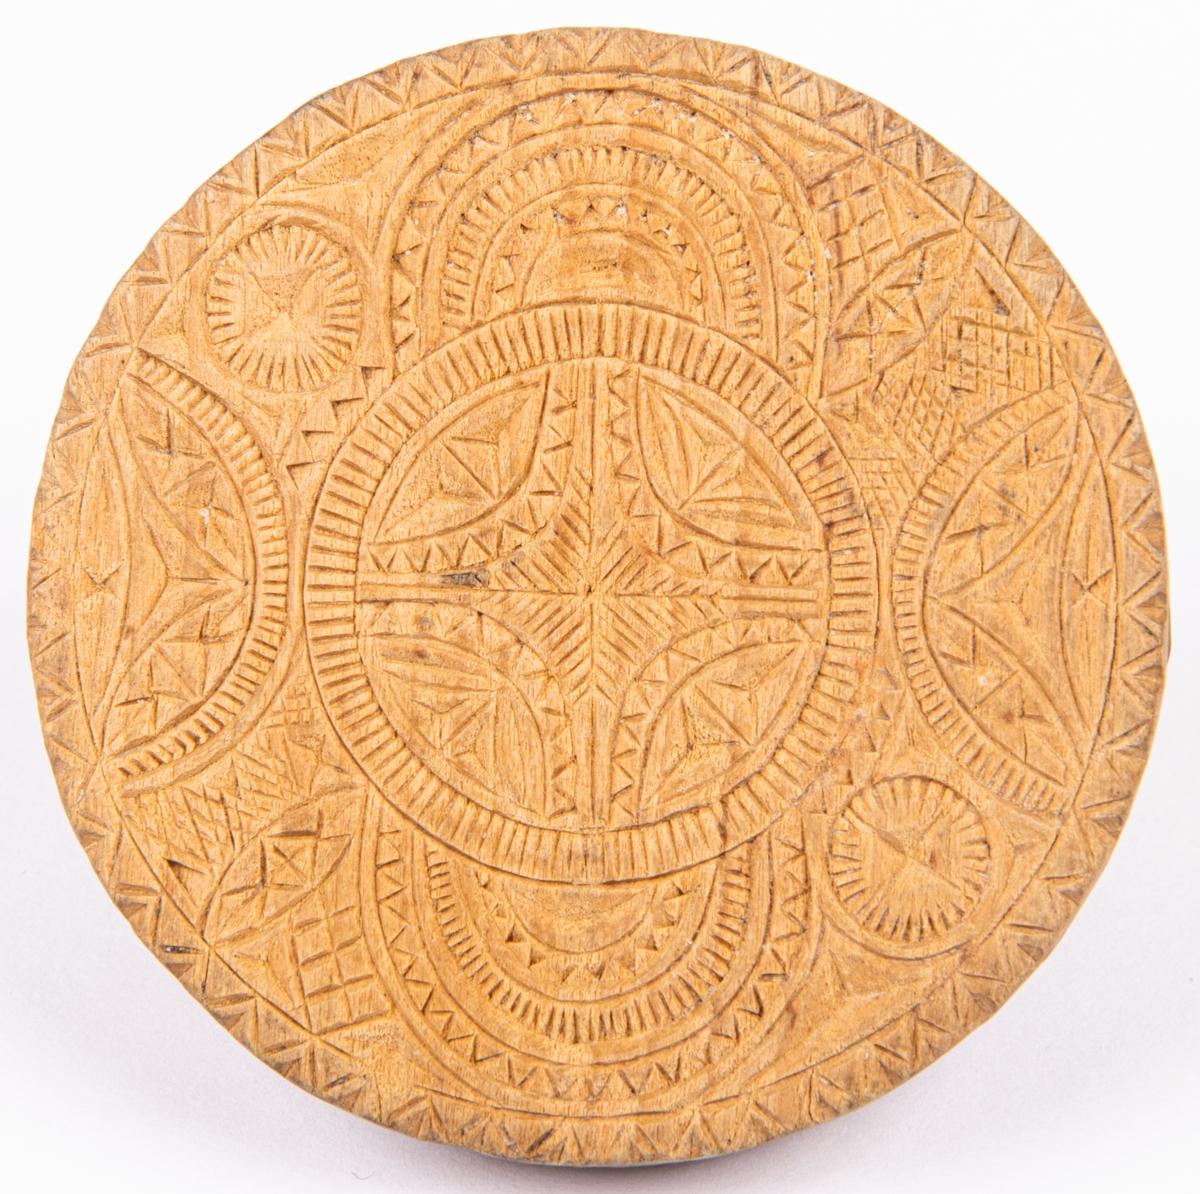 Acc.katalog. Kakformar, messmörkrus av trä snidade, 6 st. Tre märkta; VPD 1849, AOD 1821, MFD 1829.  Lappkort. Messmörkrus, kakstämplar av björkträ, 6 st. Anv i kyrkan.  b/ runt, med utskuret bågformigt handtag, ristat geometr. mönster. Diam. 6,6 cm.